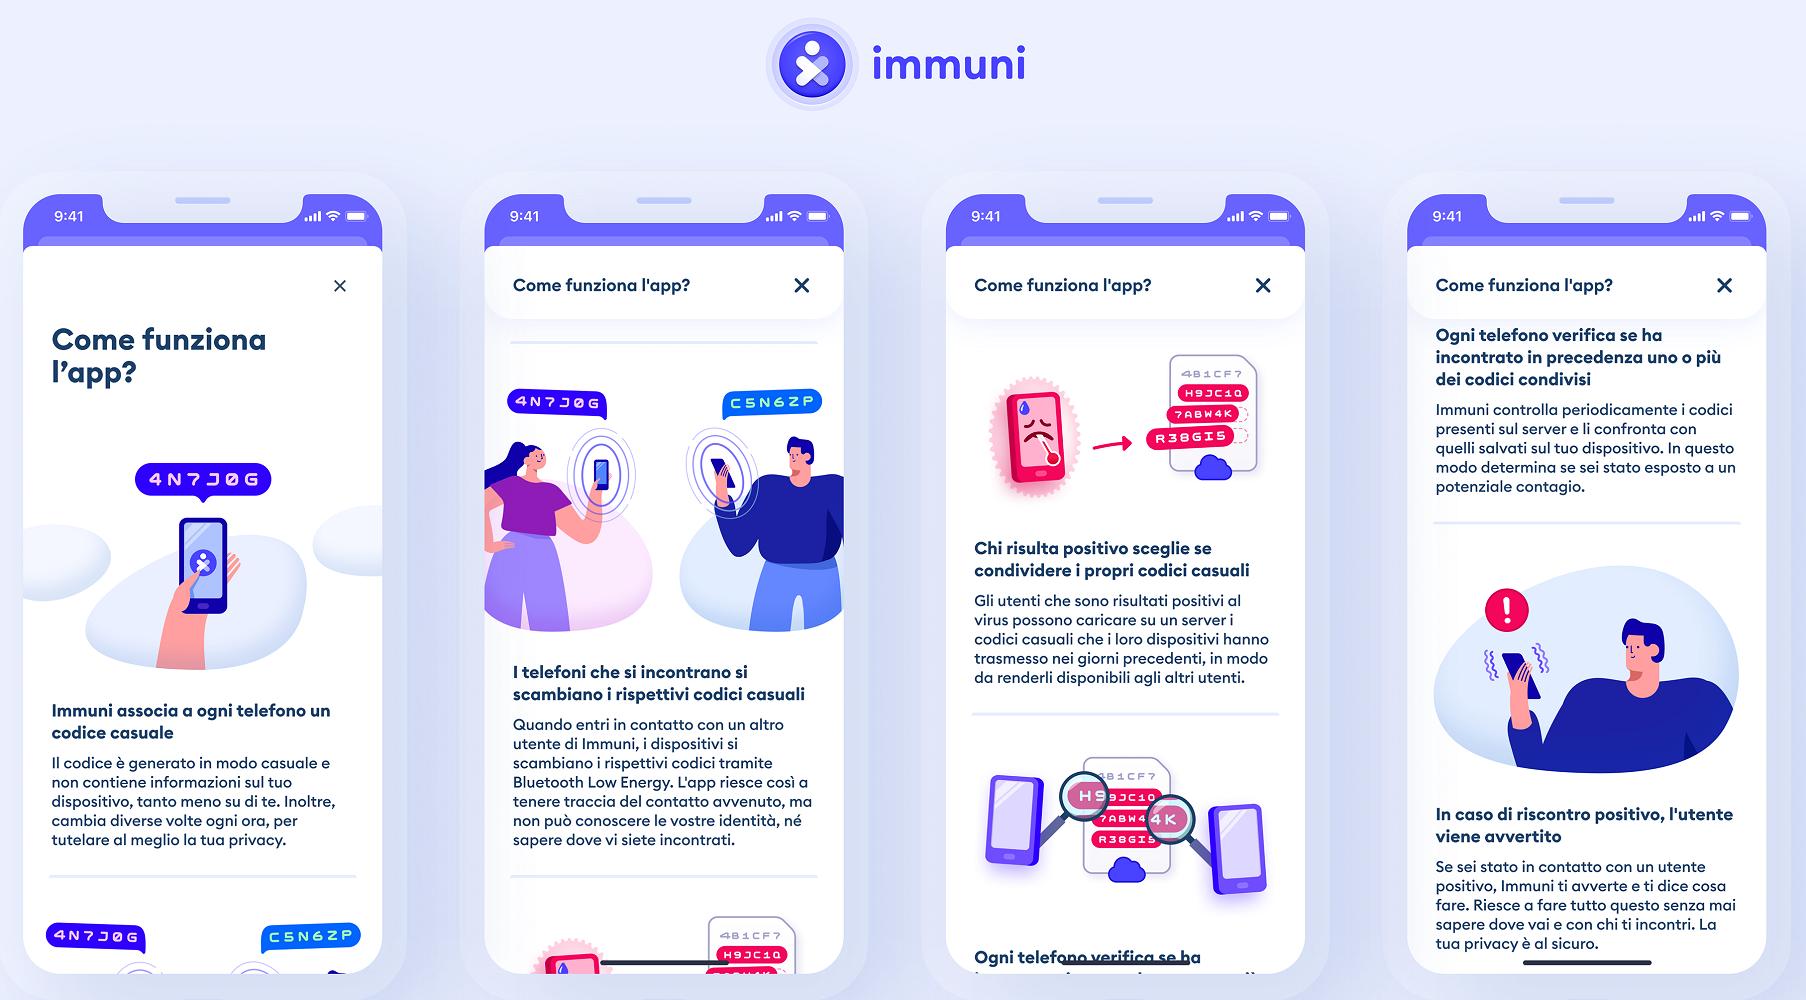 immuni app come funziona-2